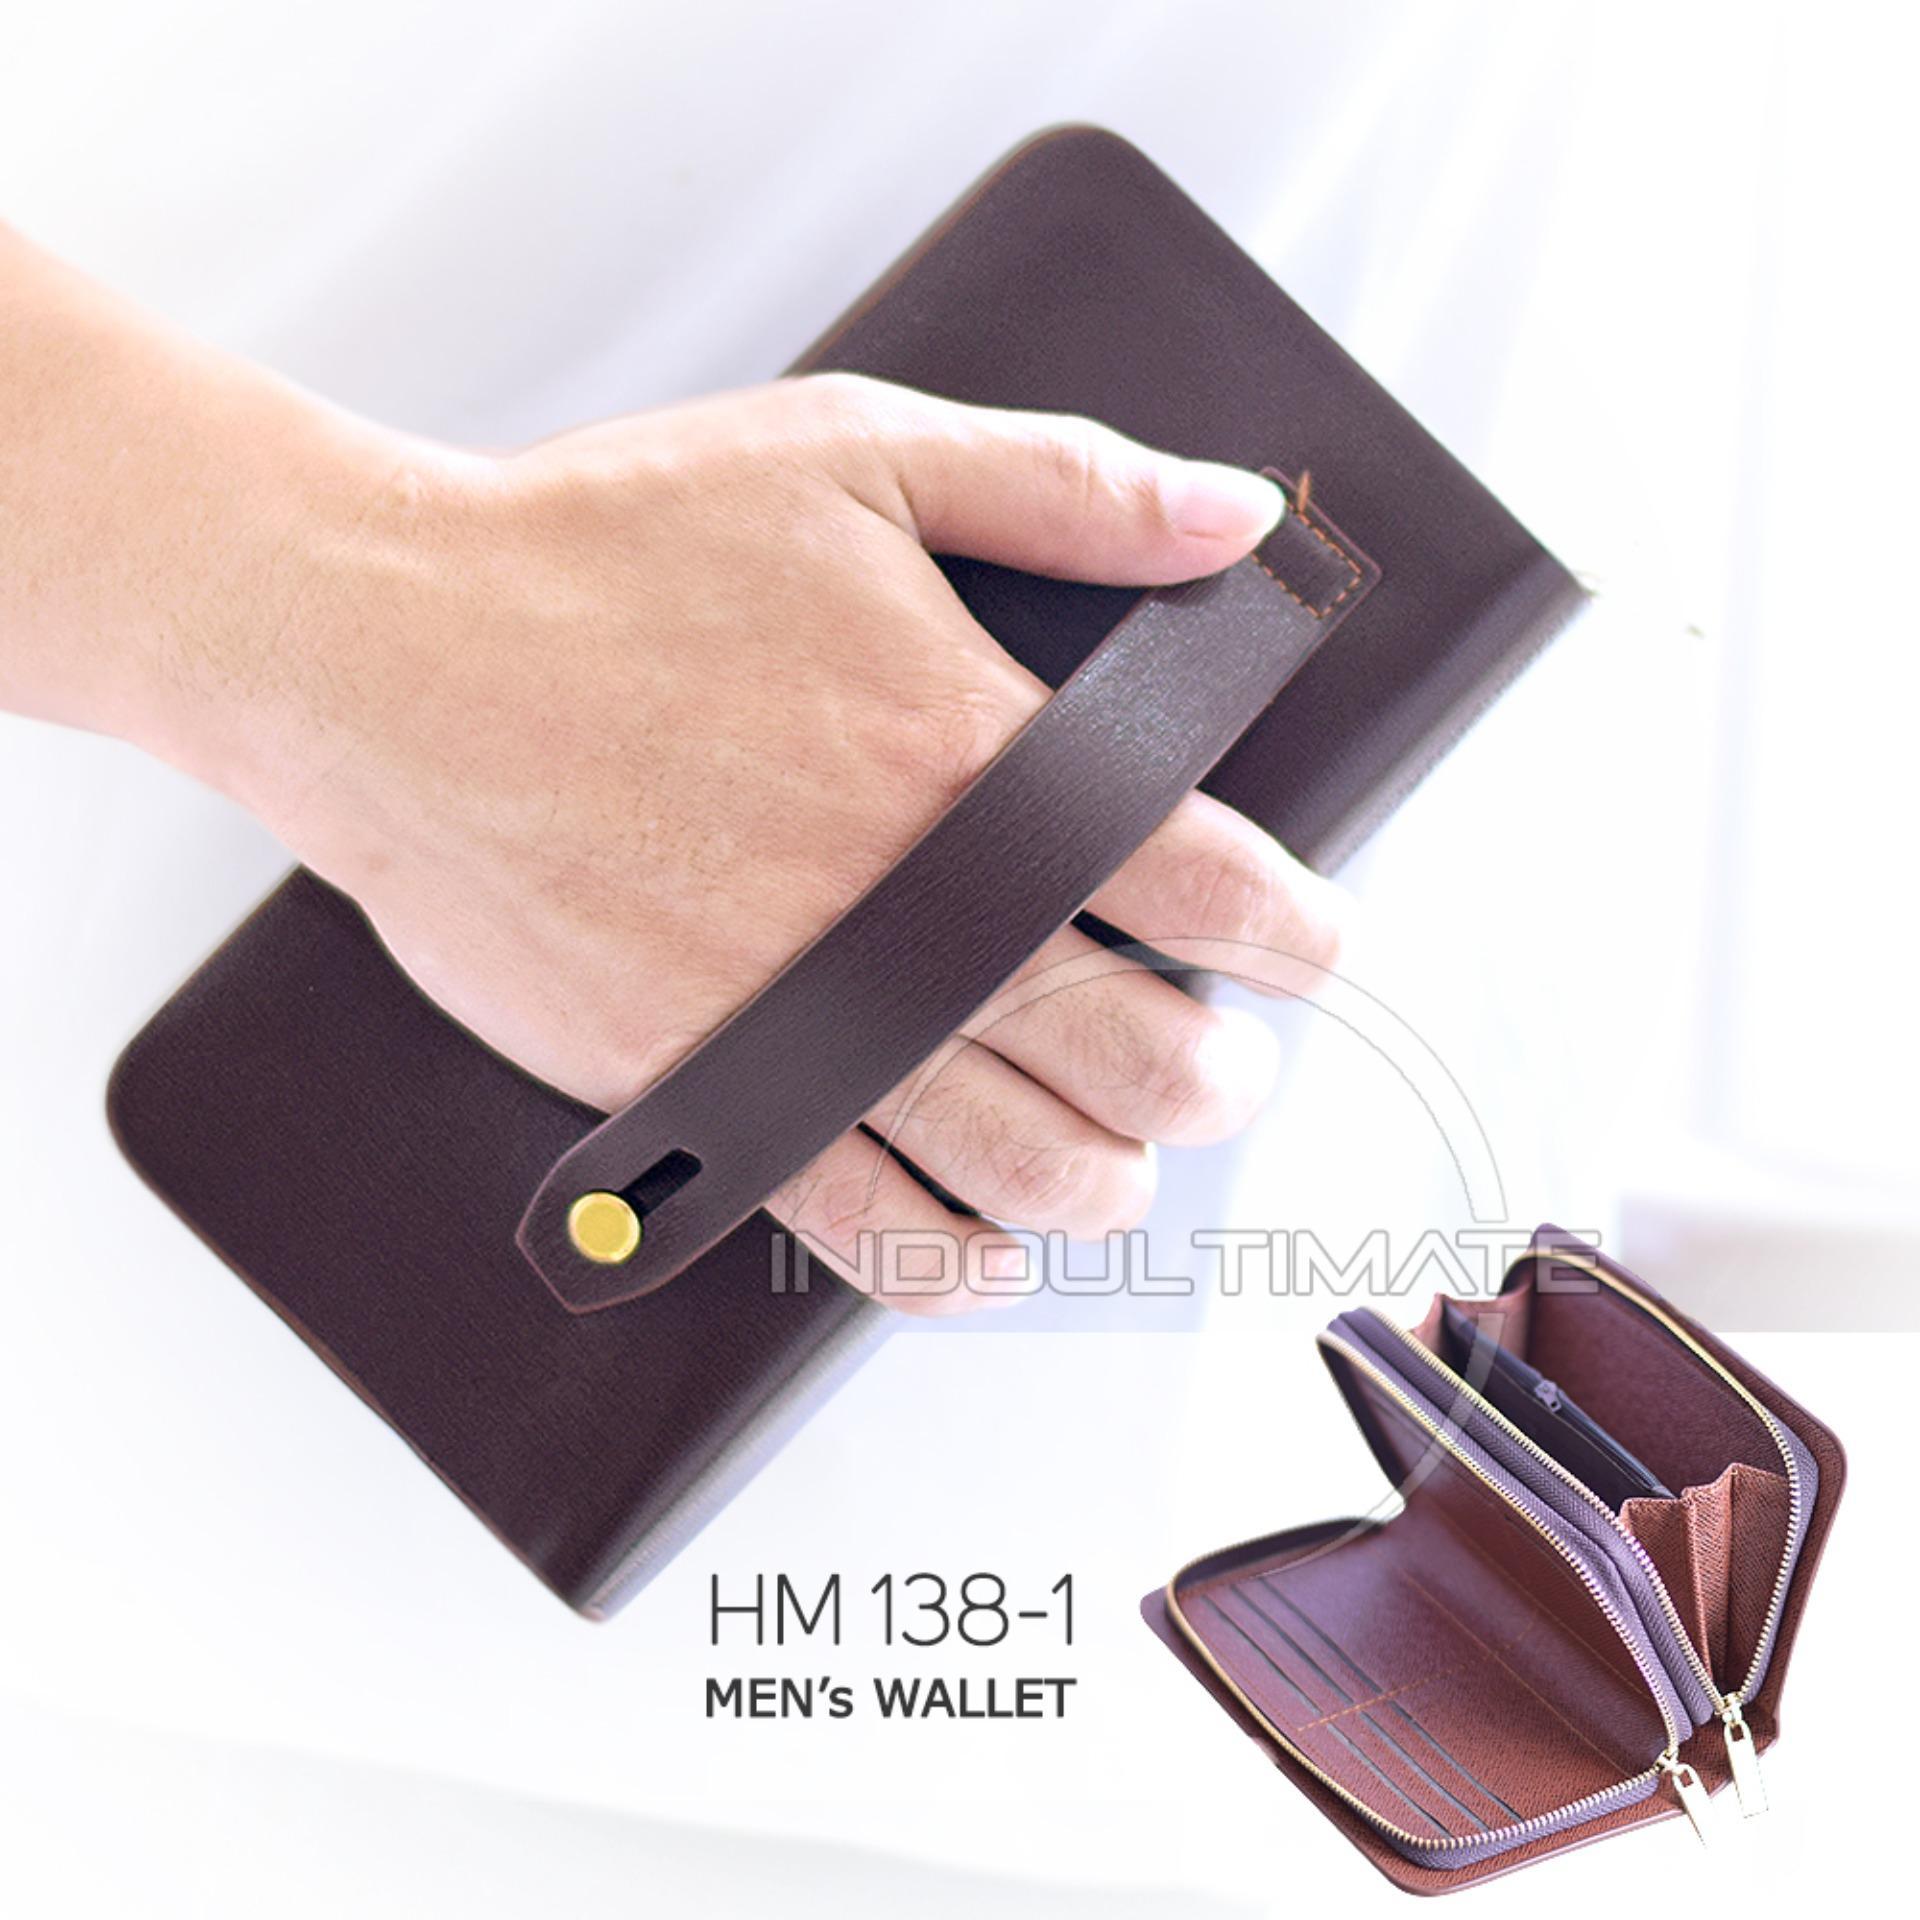 Ultimate Dompet Pria HM-138-1 - Brown / Dompet Cowok Kartu ATM Panjang Lipat Kulit Import Murah